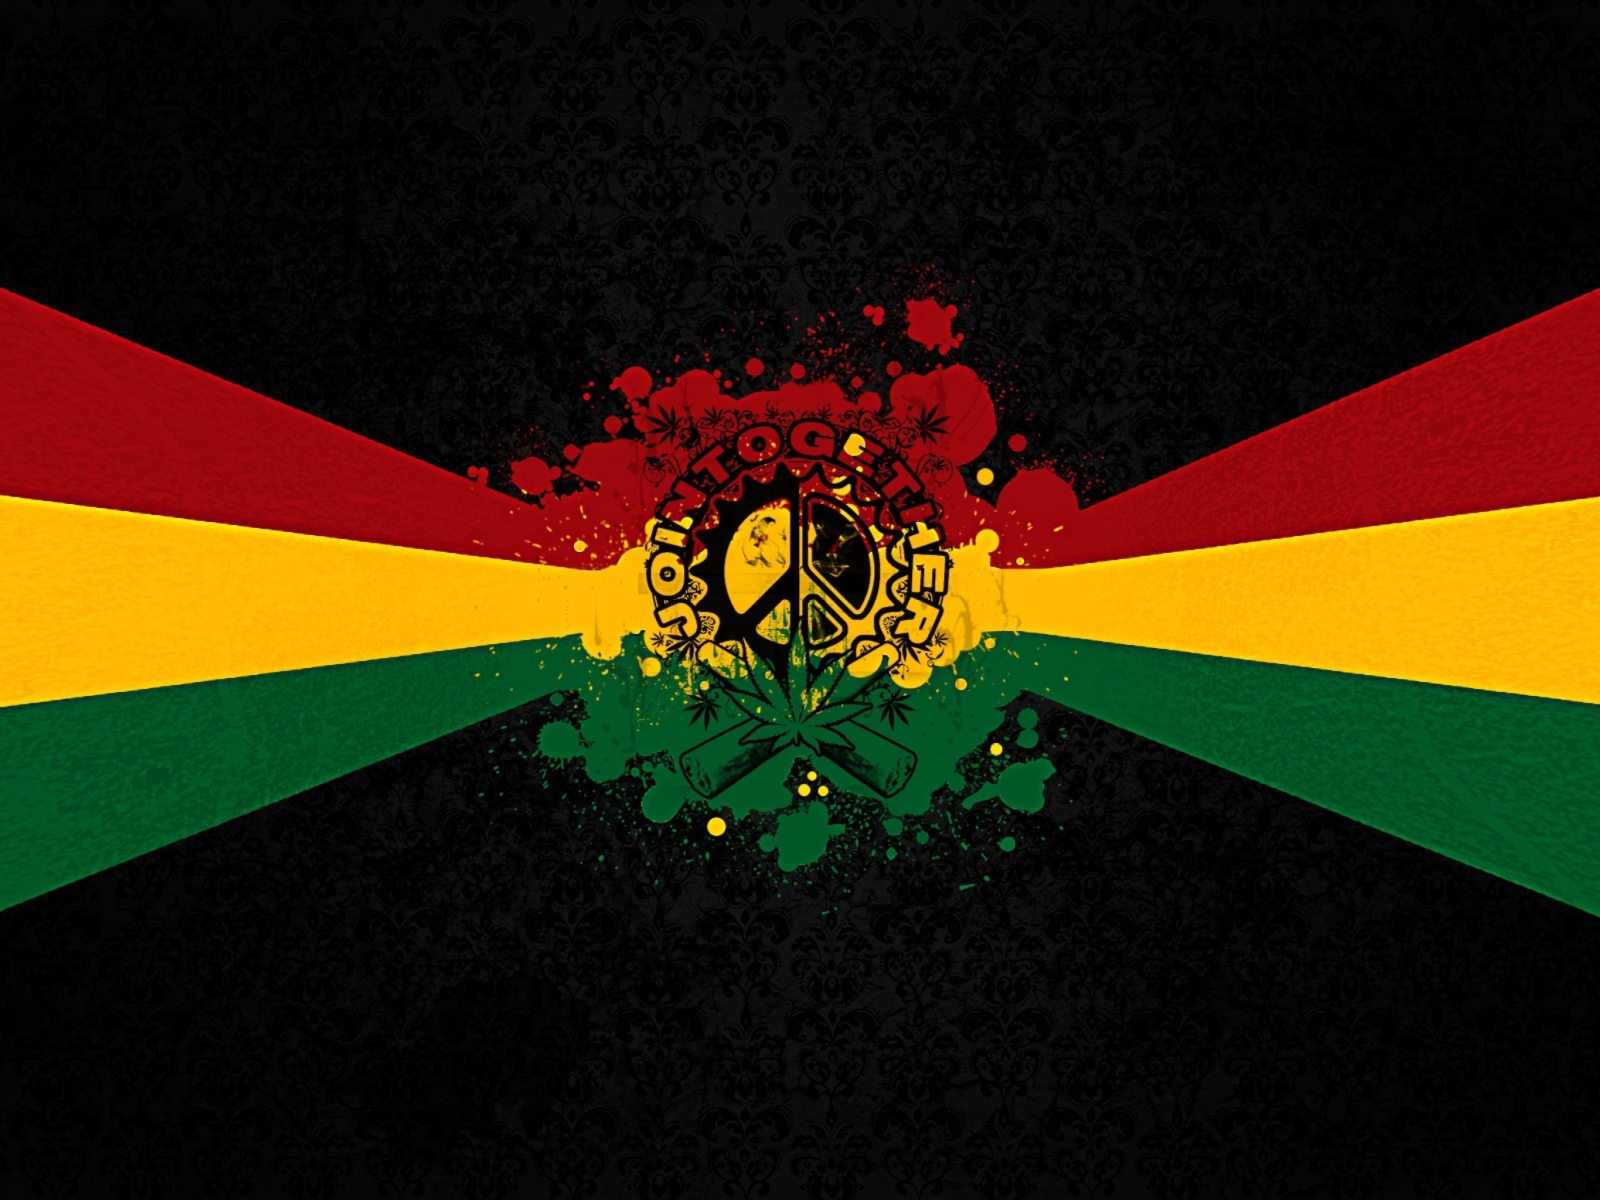 растаманский флаг картинки поэтому технические характеристики